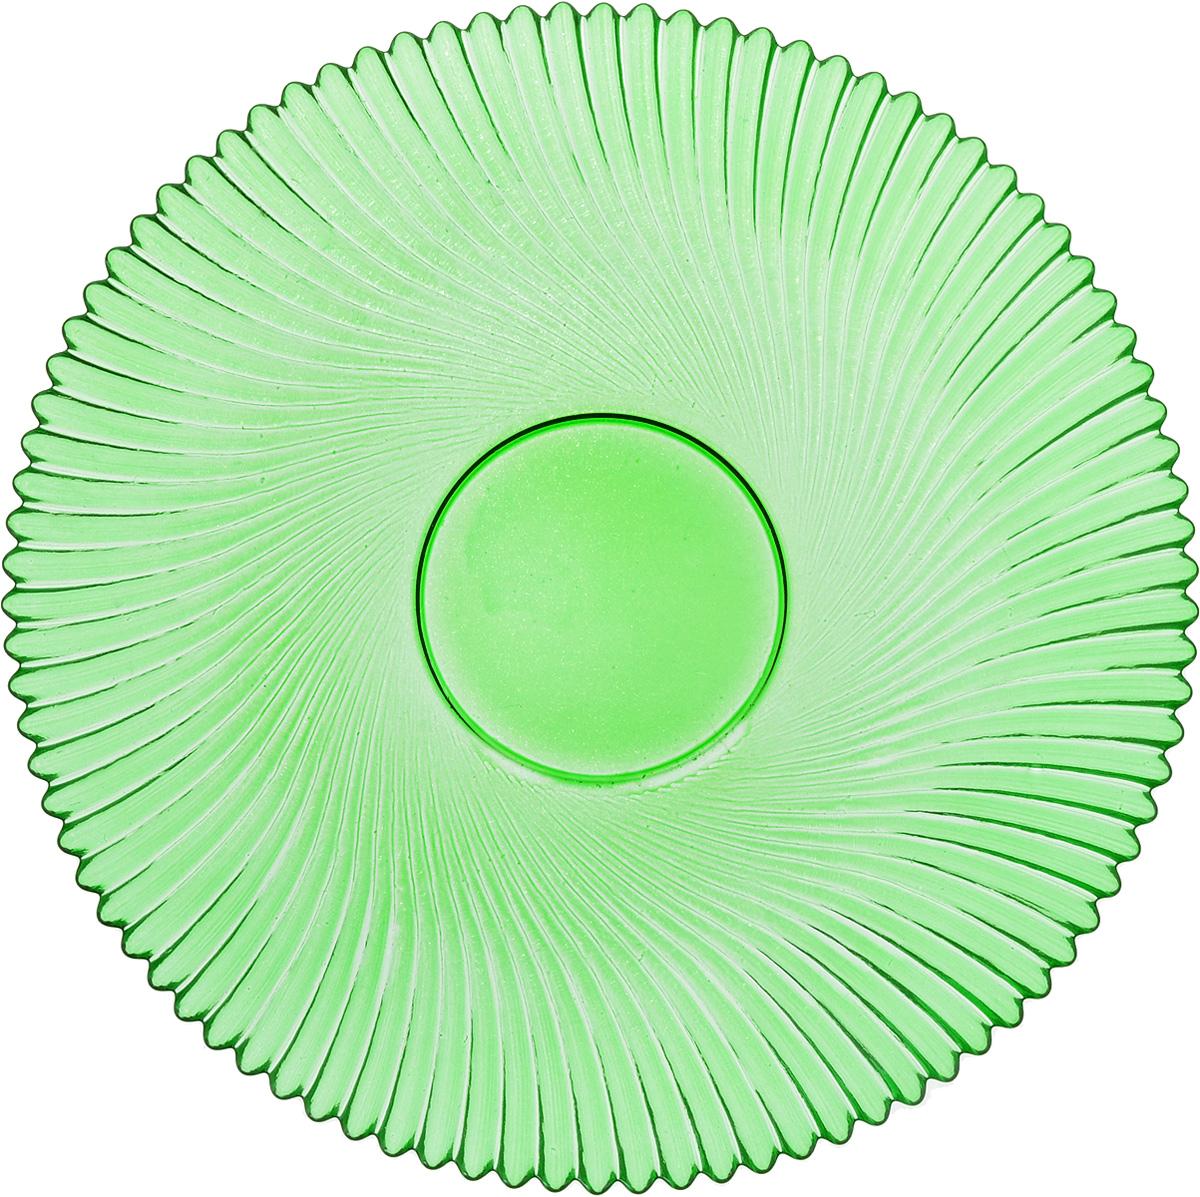 Тарелка NiNaGlass Альтера, цвет: зеленый, диаметр 21 смFS-91909Тарелка NiNaGlass Альтера выполнена из высококачественного стекла и оформлена красивым рельефным узором. Тарелка идеальна для подачи вторых блюд, а также сервировки закусок, нарезок, десертов и многого другого. Она отлично подойдет как для повседневных, так и для торжественных случаев.Такая тарелка прекрасно впишется в интерьер вашей кухни и станет достойным дополнением к кухонному инвентарю.